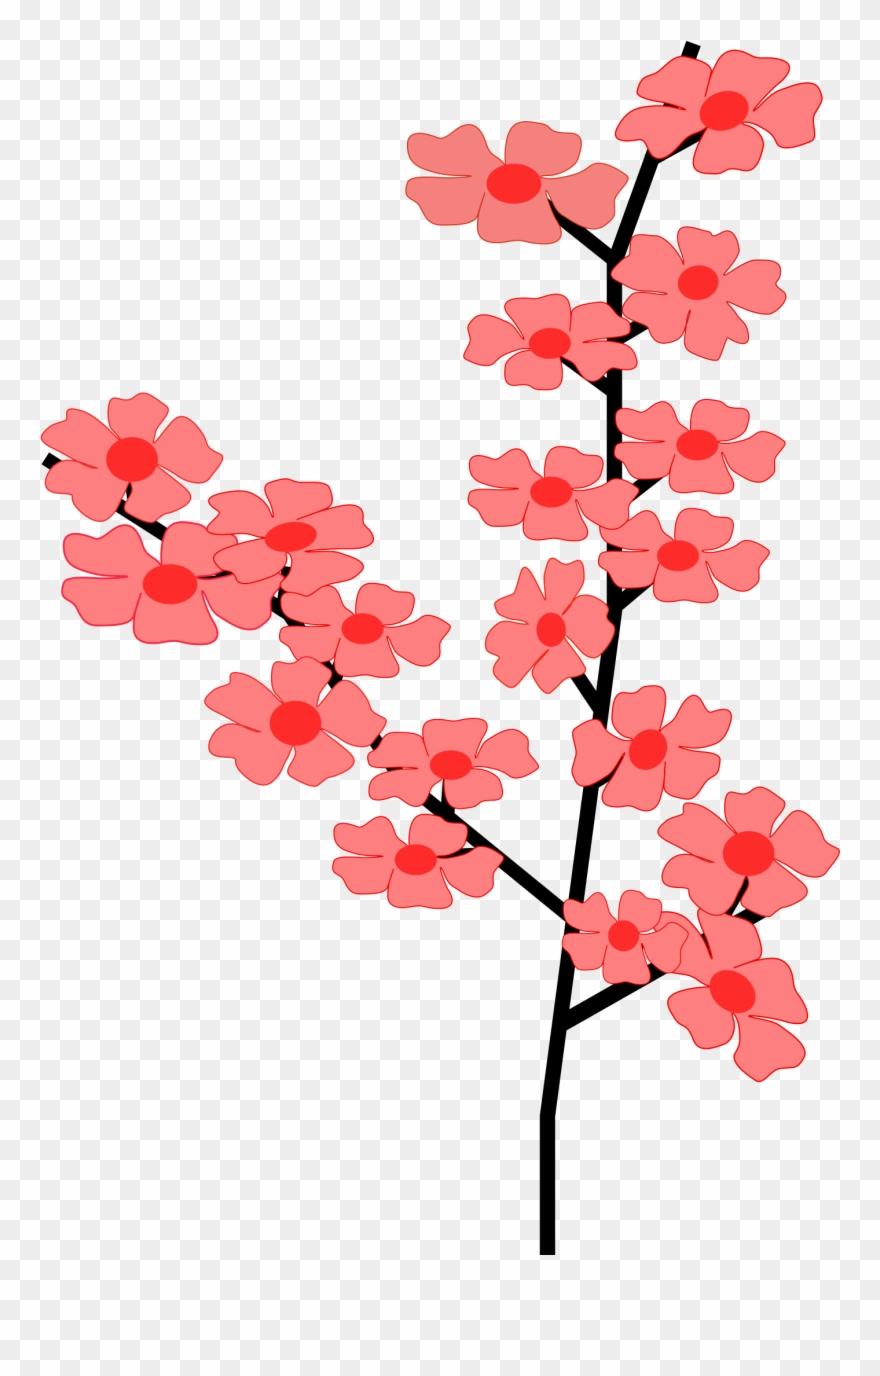 Flowers Sakura 2 Png Clip Arts.